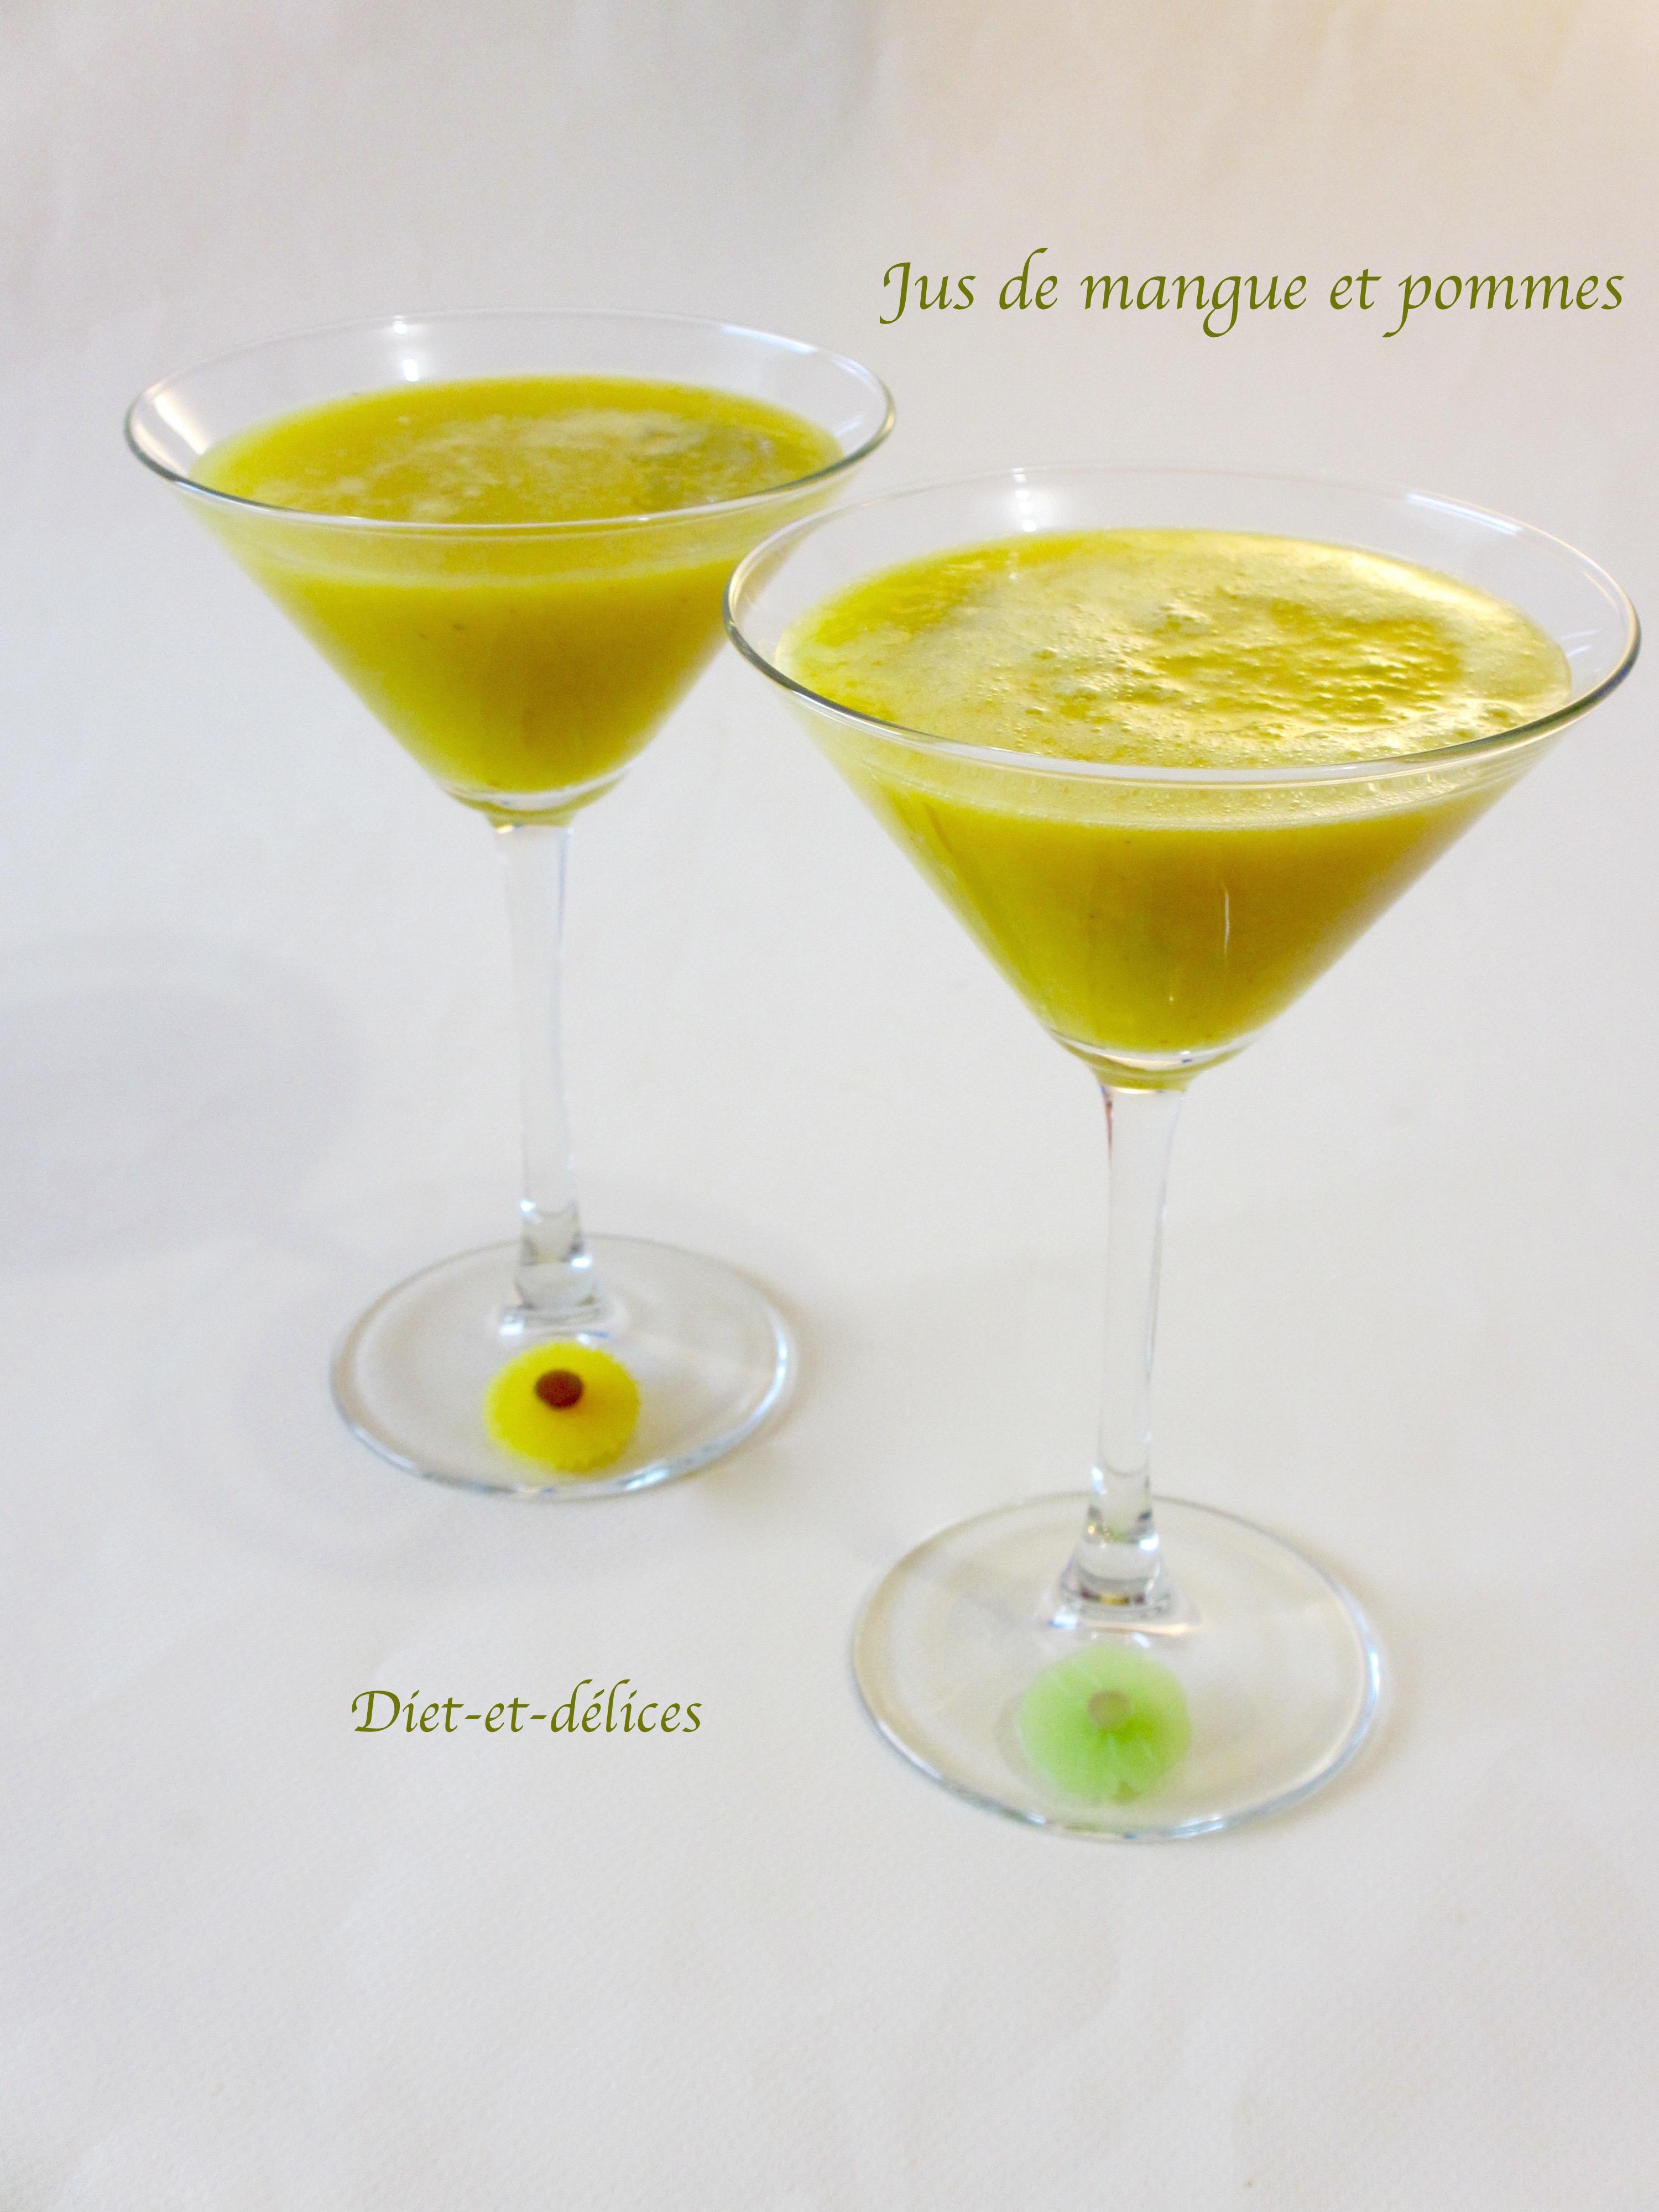 jus de mangue et pommes diet d lices recettes diet tiques. Black Bedroom Furniture Sets. Home Design Ideas